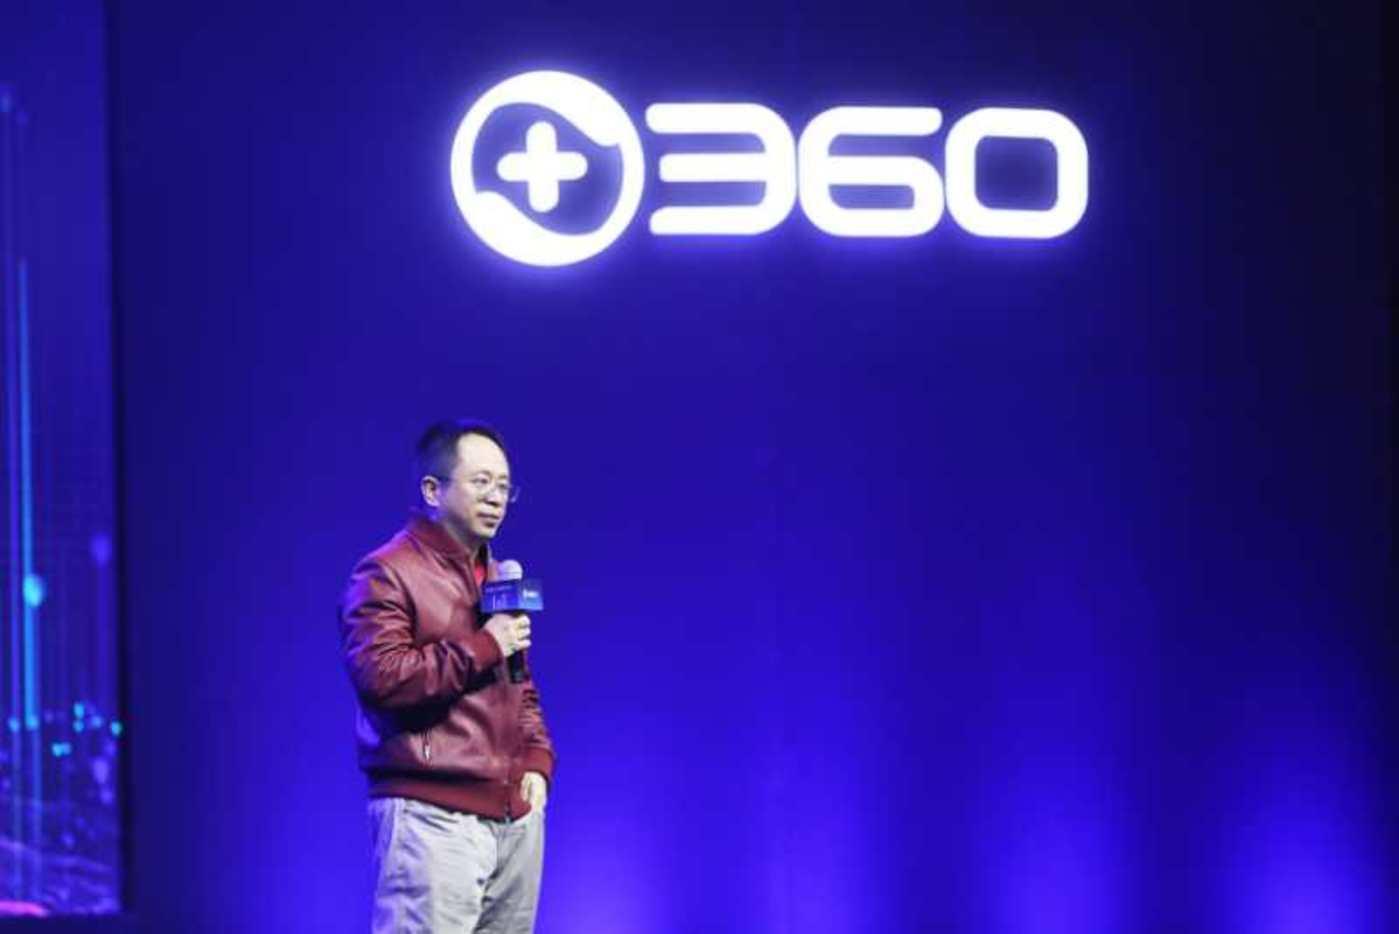 钛媒体快讯 | 4月13日消息:360两大创始人要彻底分开了。